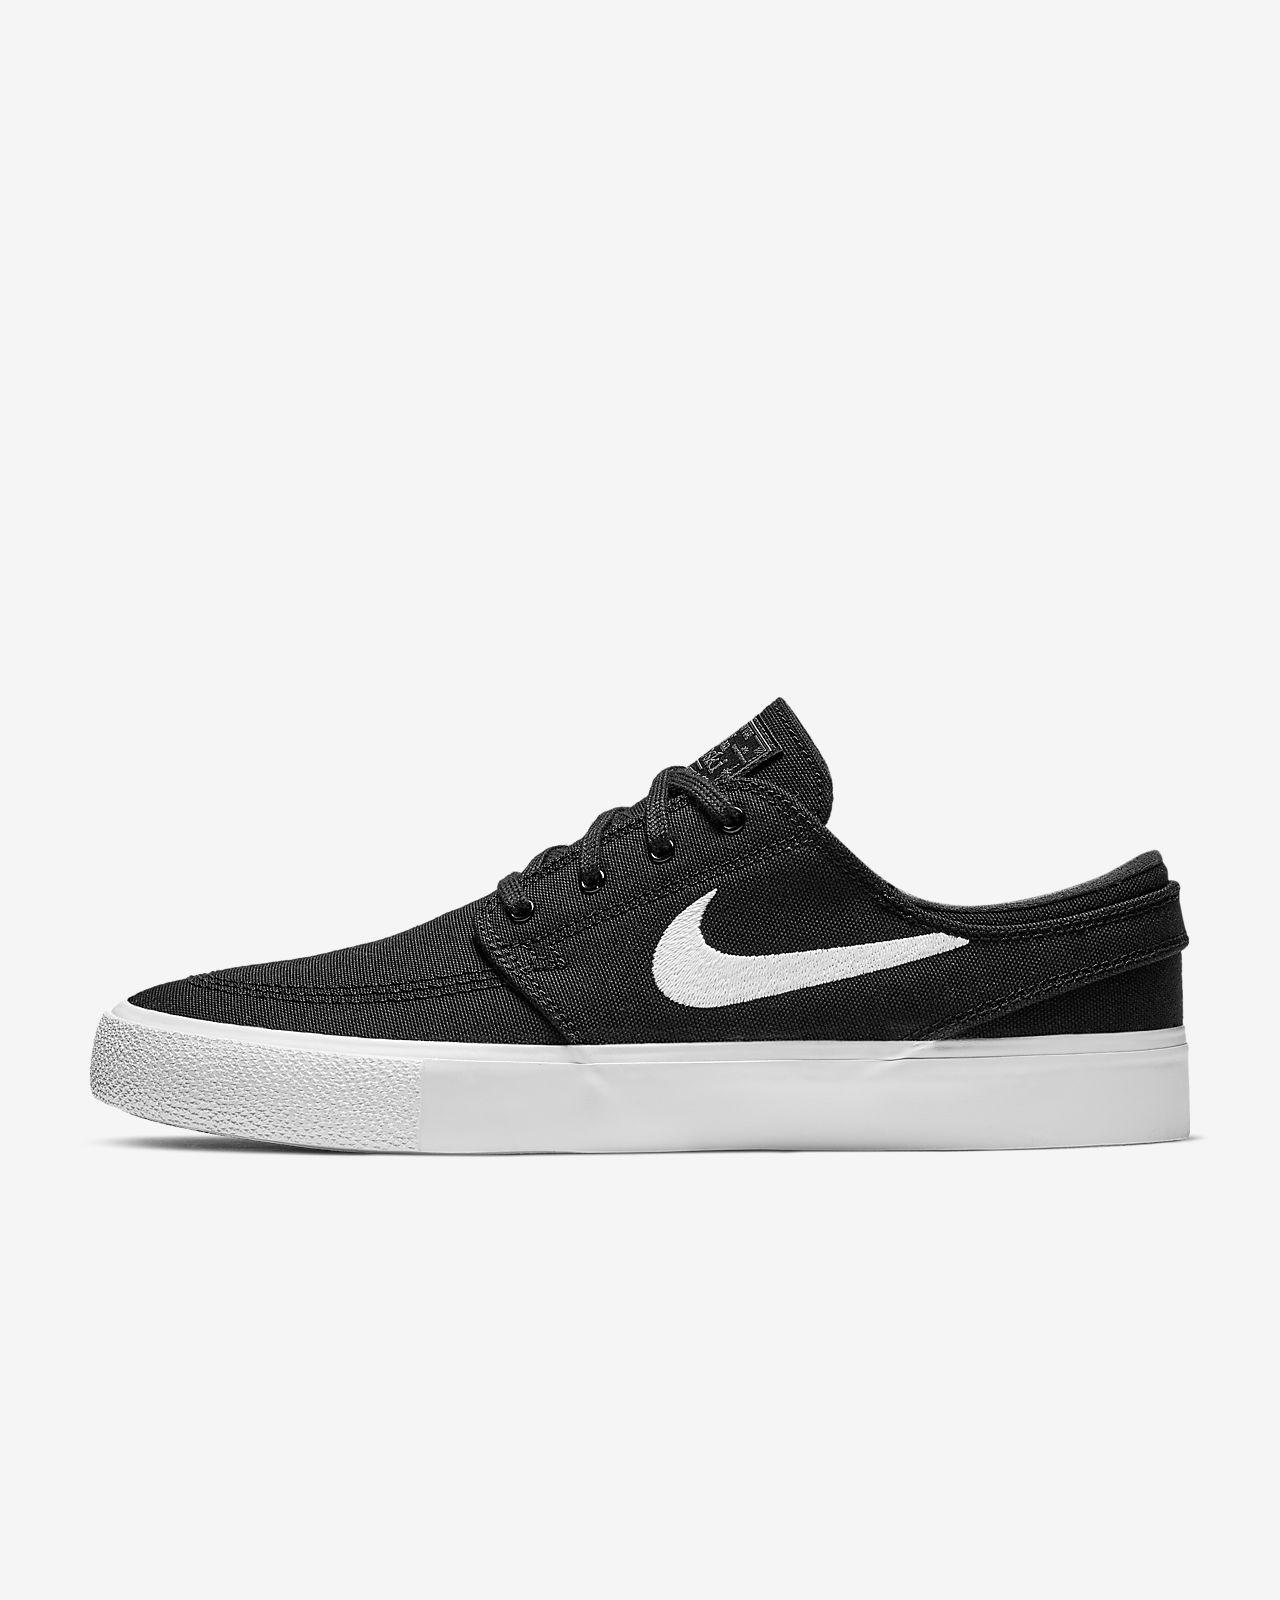 022dc49e5abf Nike SB Zoom Janoski Canvas RM Skate Shoe. Nike.com GB